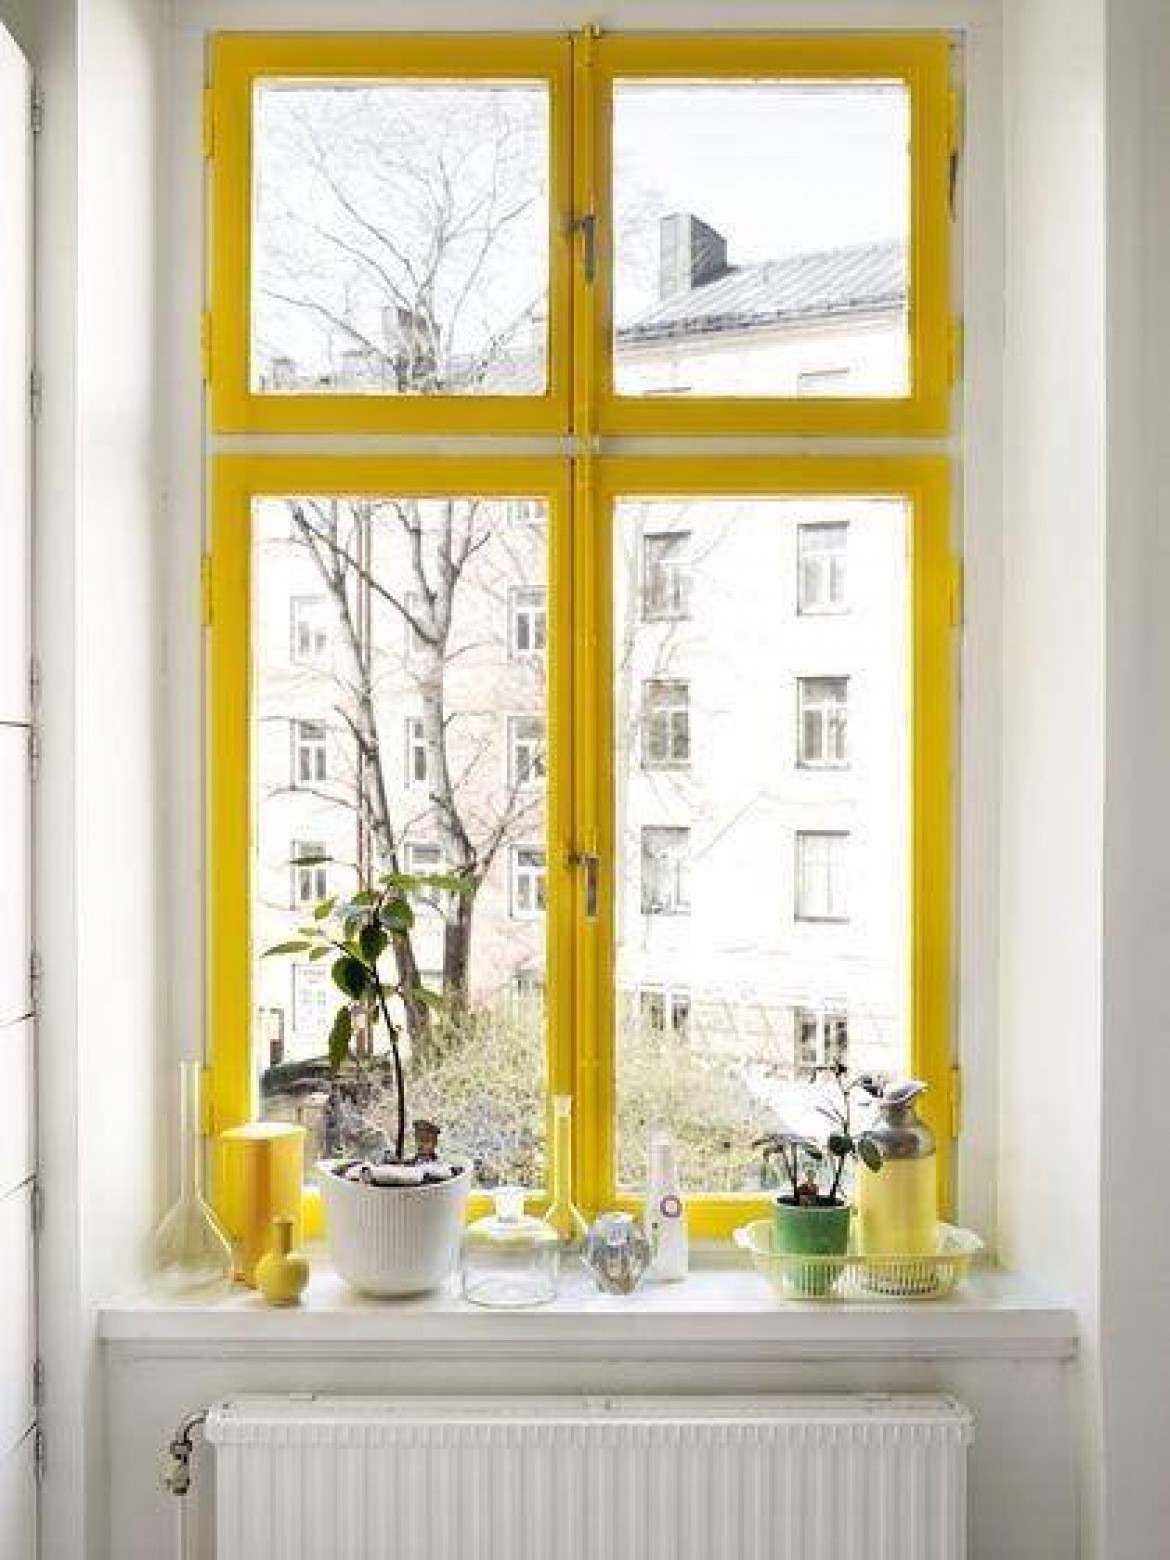 Покрашенные в яркий цвет окна своими руками, станут неотъемл.